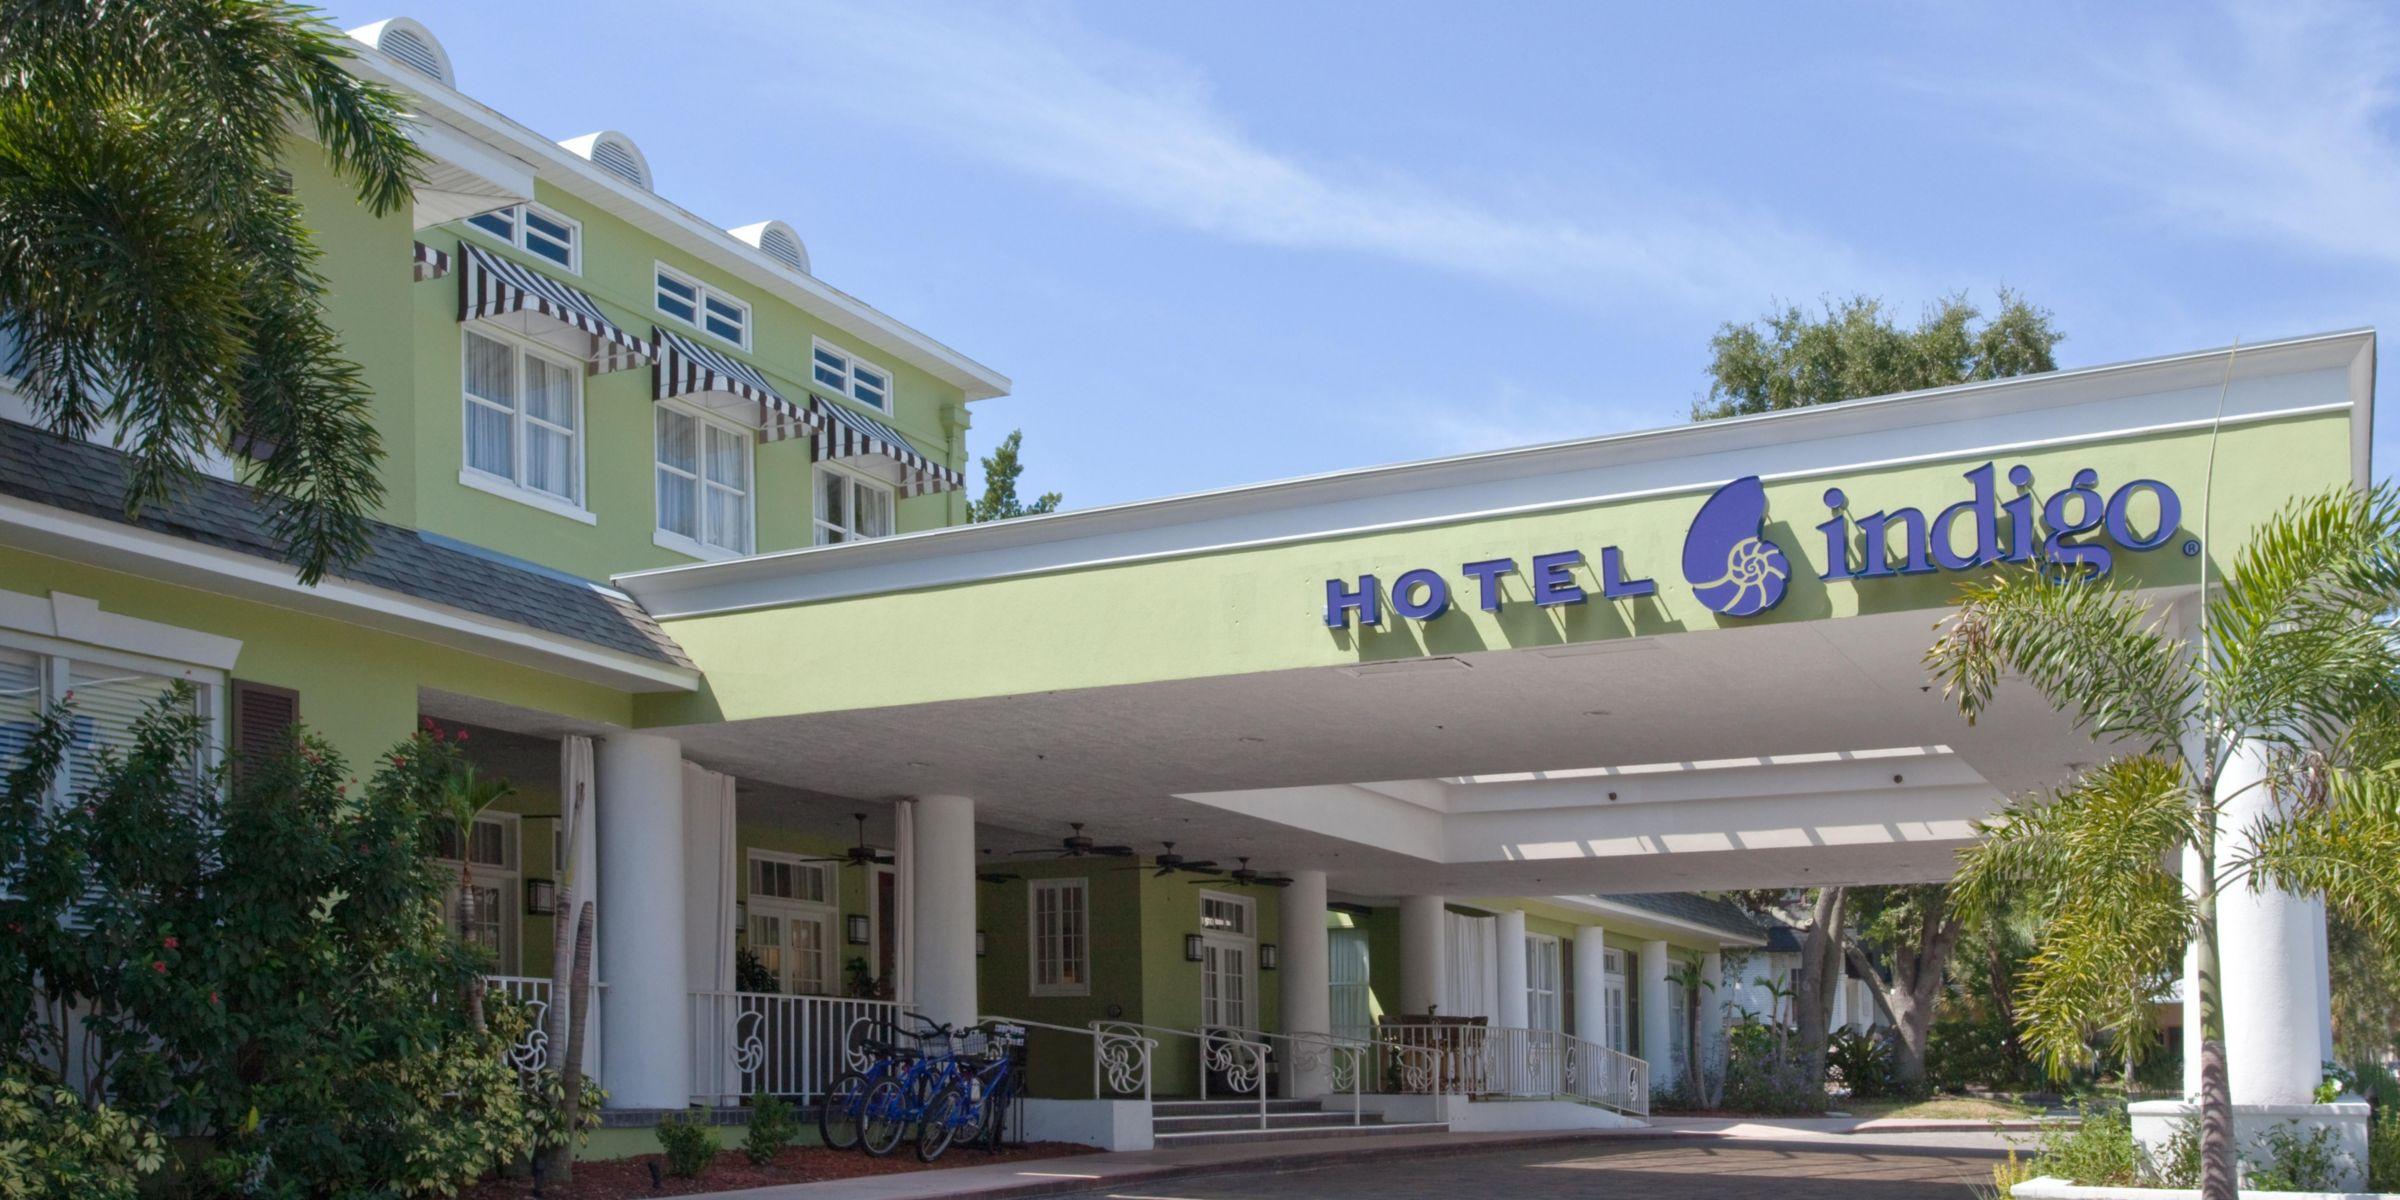 Hollander Boutique Hotel